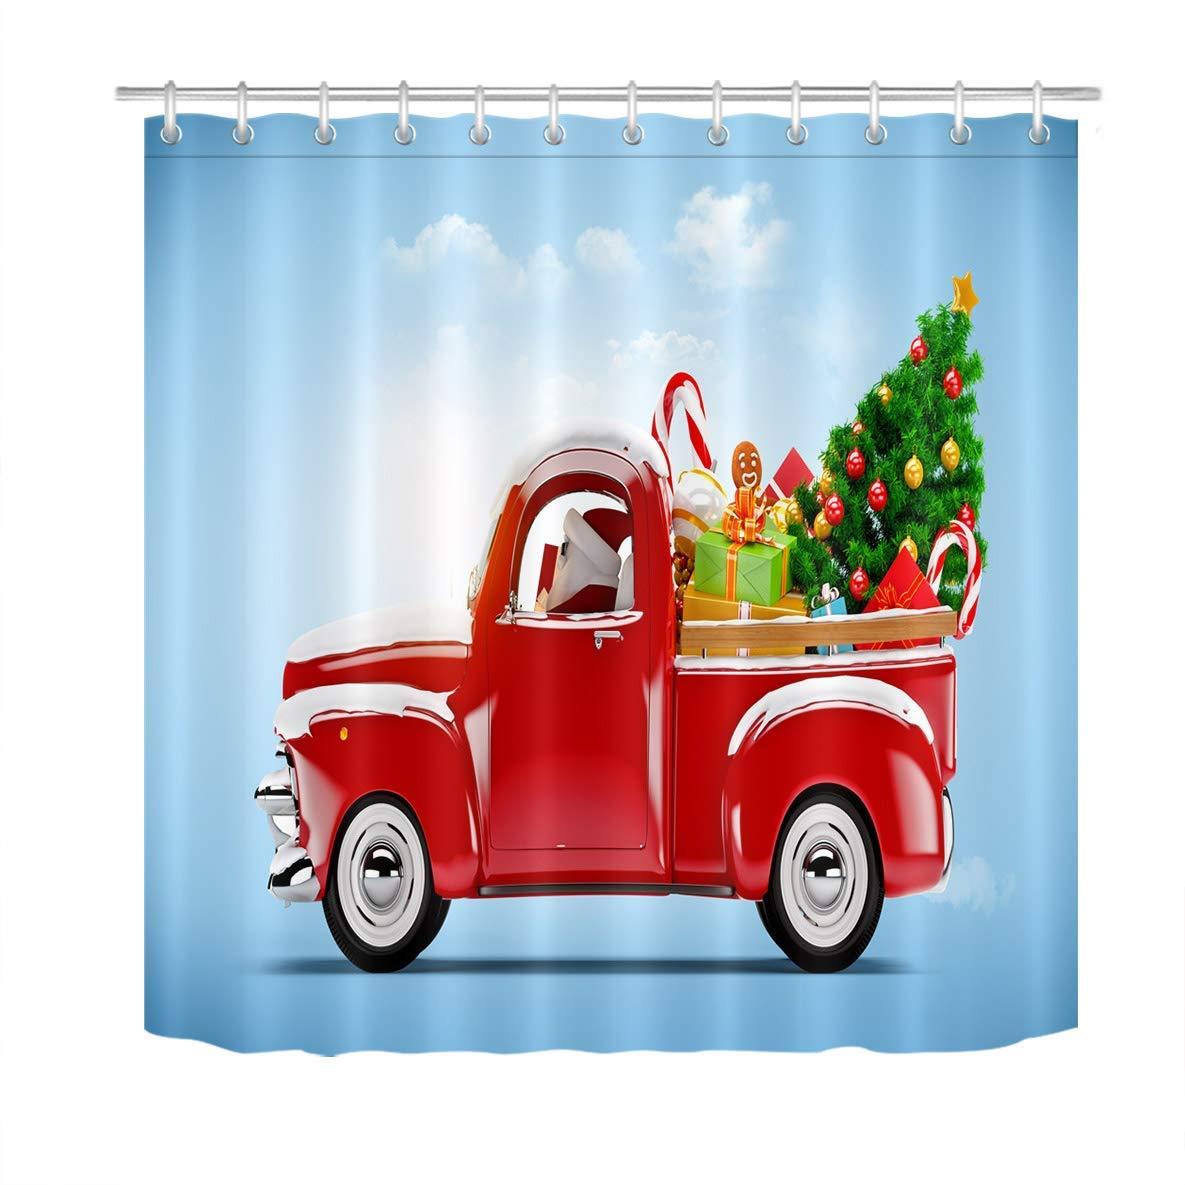 Christmas Shower Curtain Set Retro Pickup Truck Car Santa